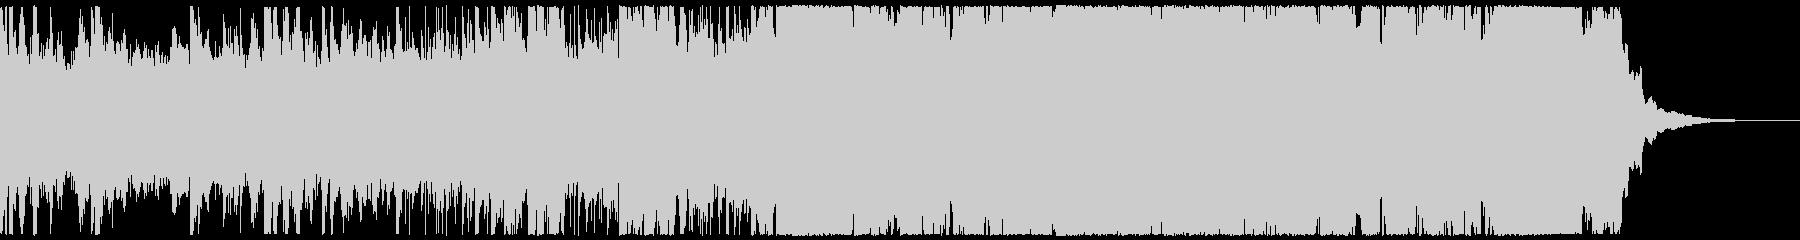 ピアノとシンセのカフェ・アンビエントの未再生の波形